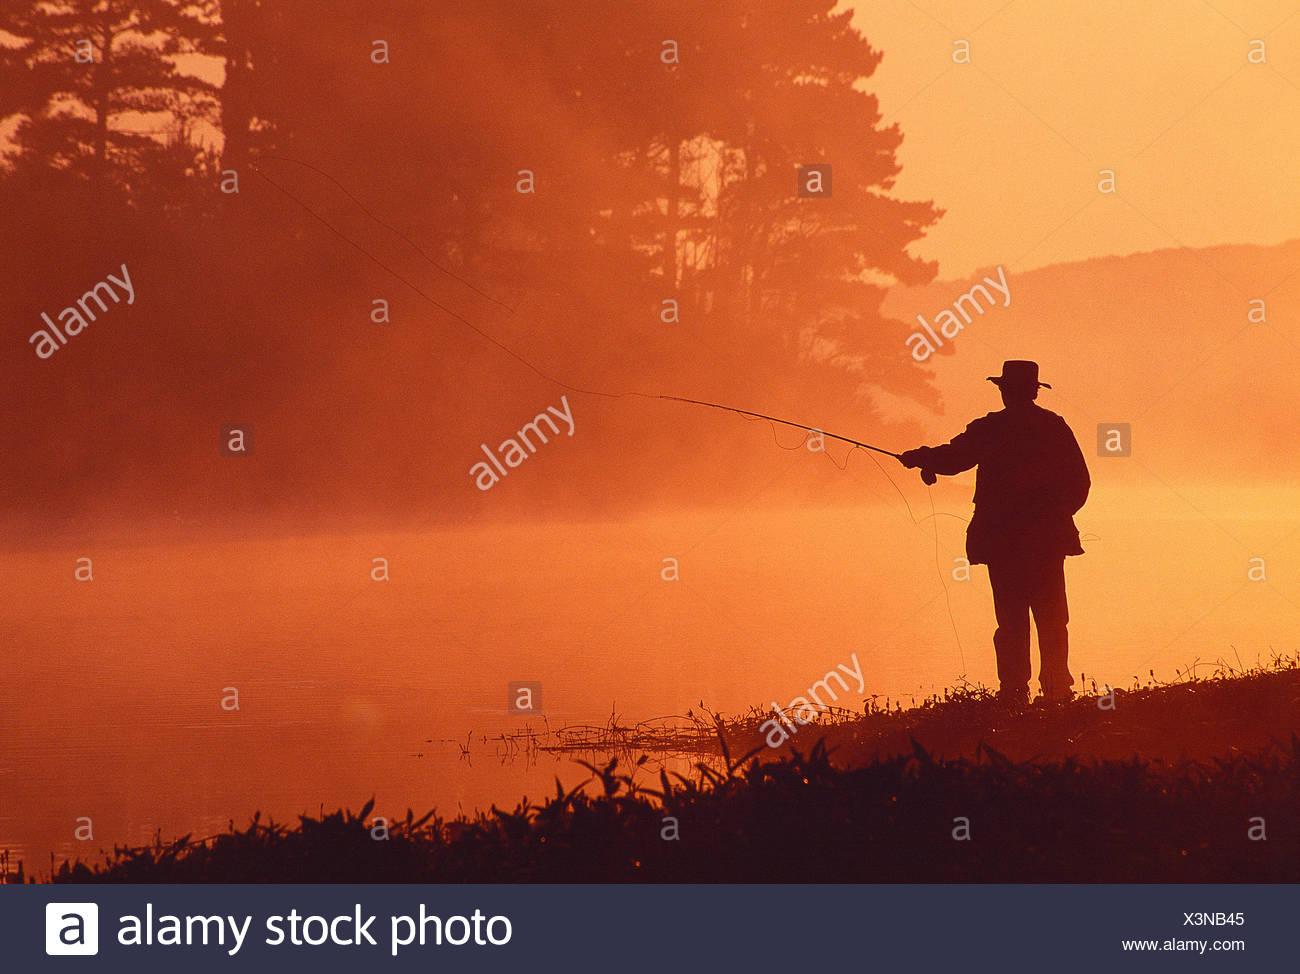 Deporte. angulable. El hombre de la pesca con mosca. guernsey. Islas del Canal. Imagen De Stock